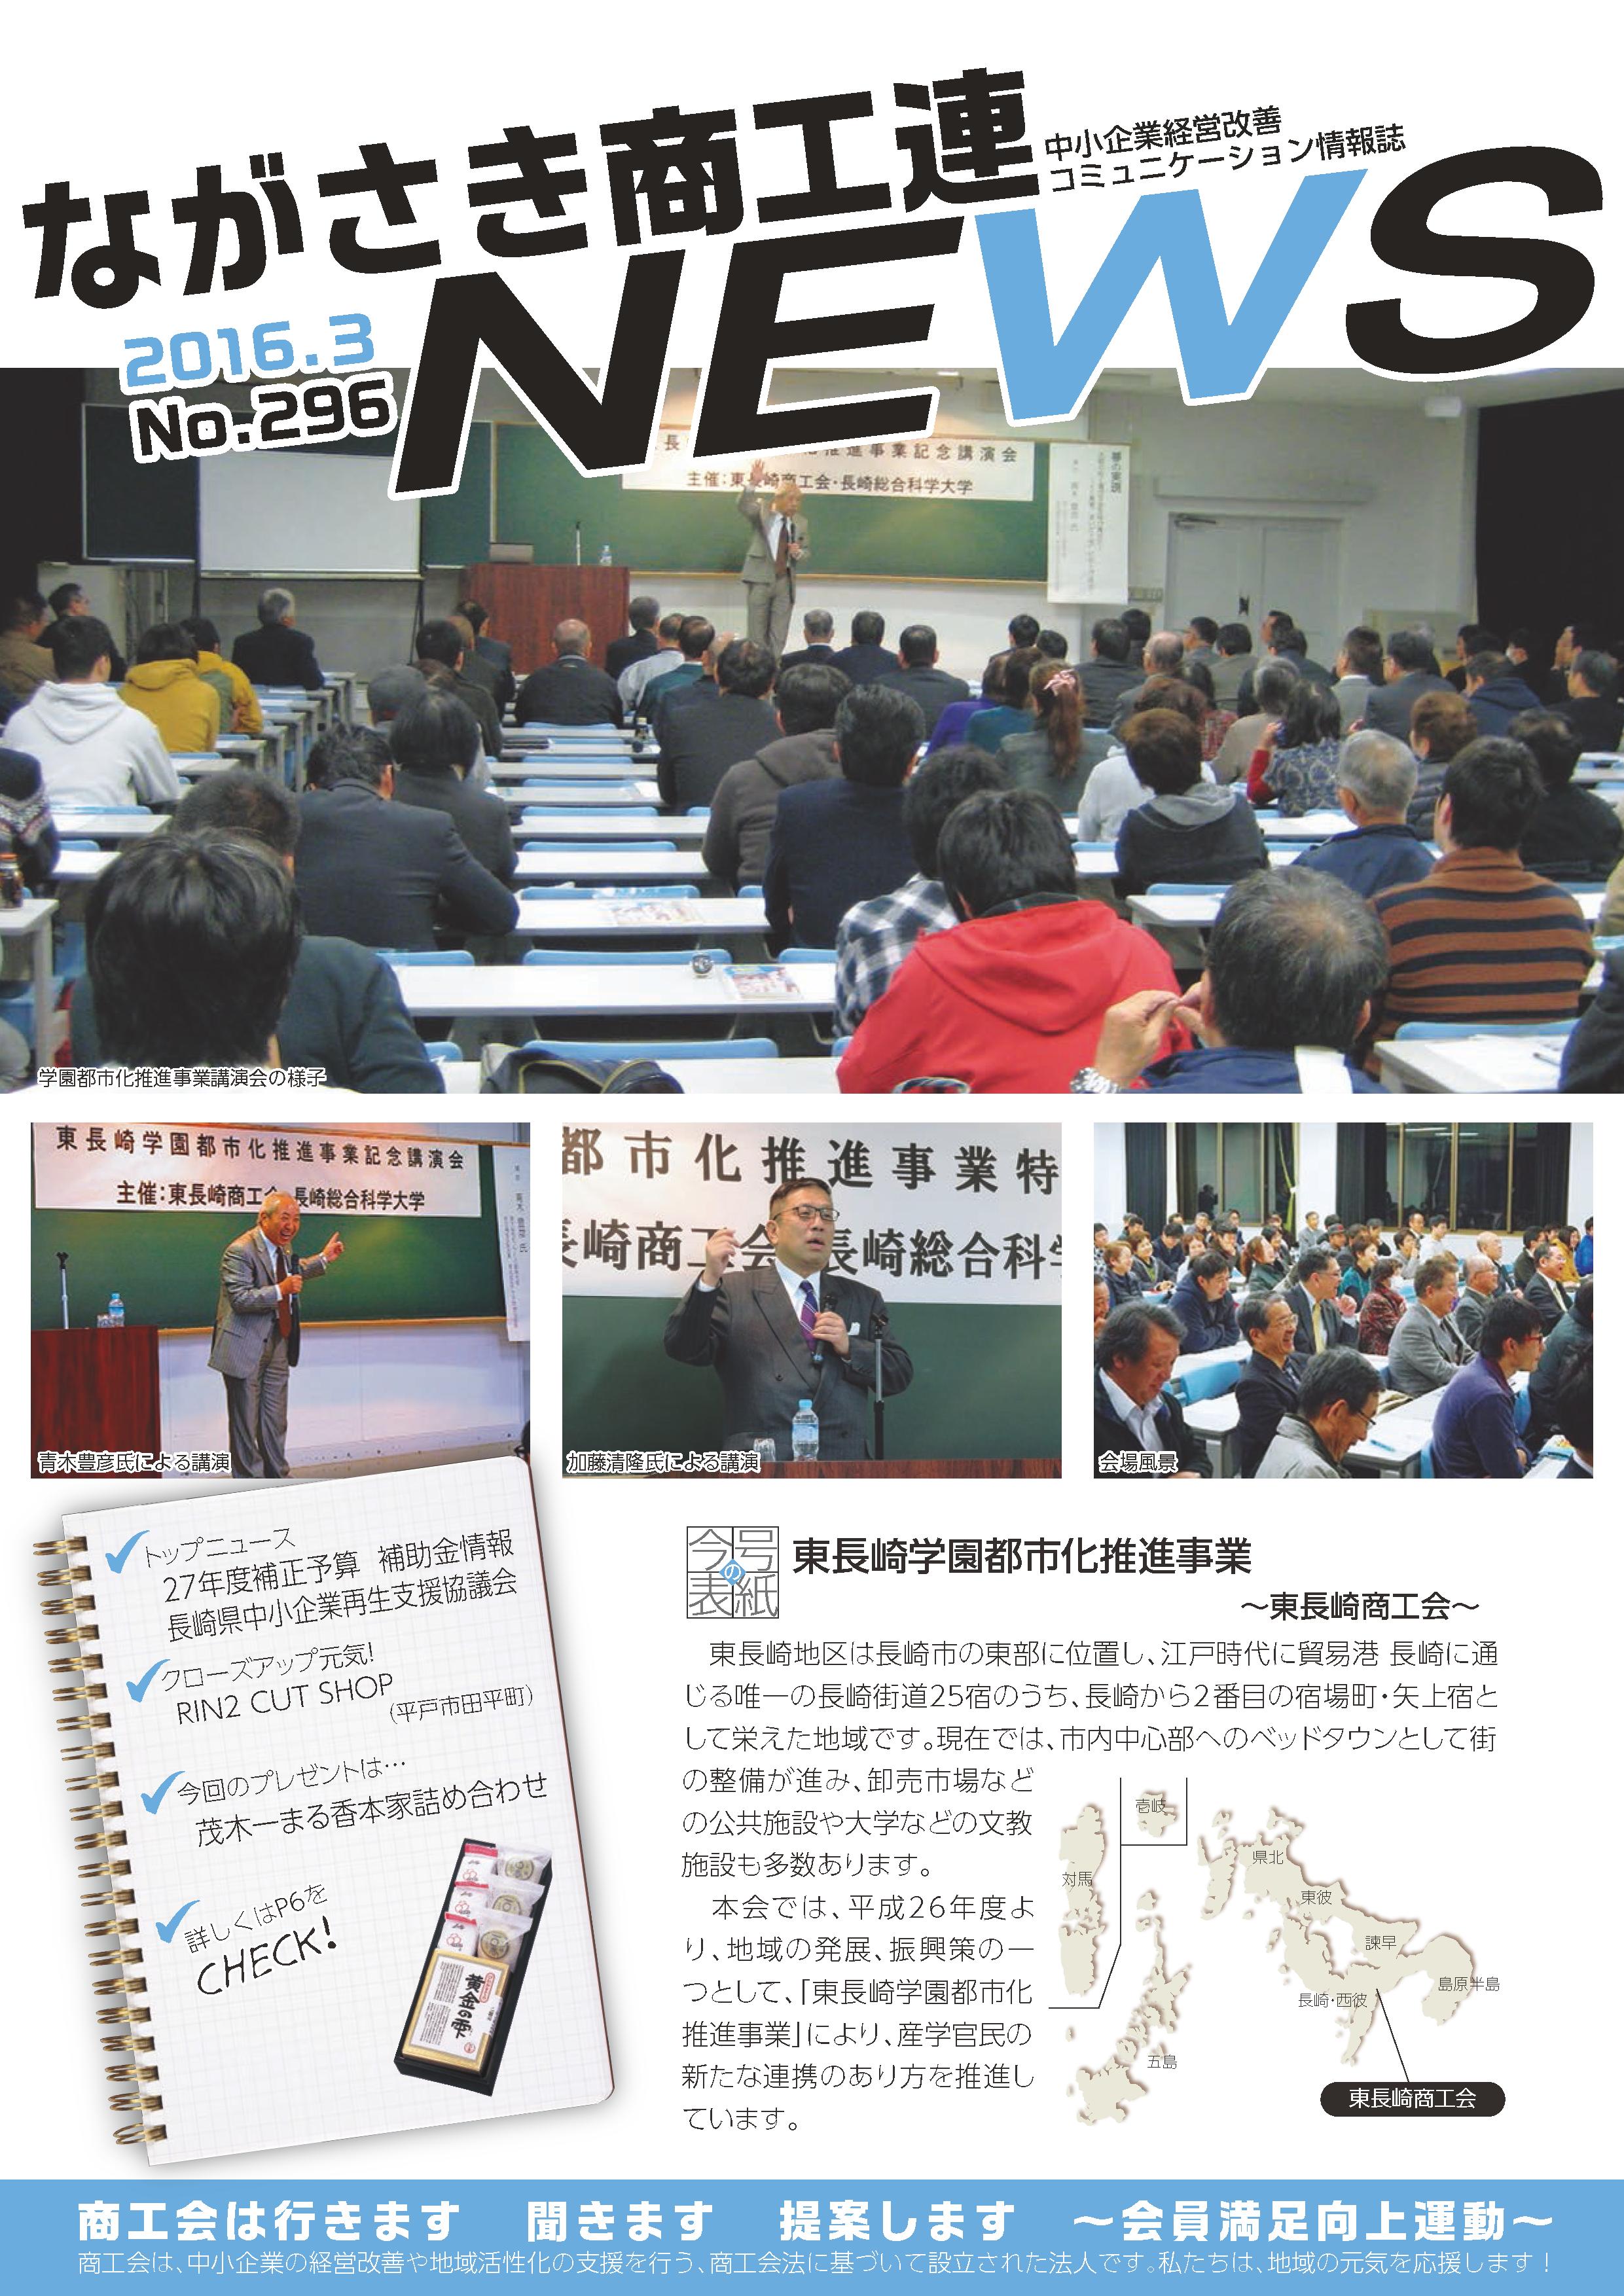 表紙写真は東長崎商工会の「東長崎学園都市推進事業」関連の様子です。